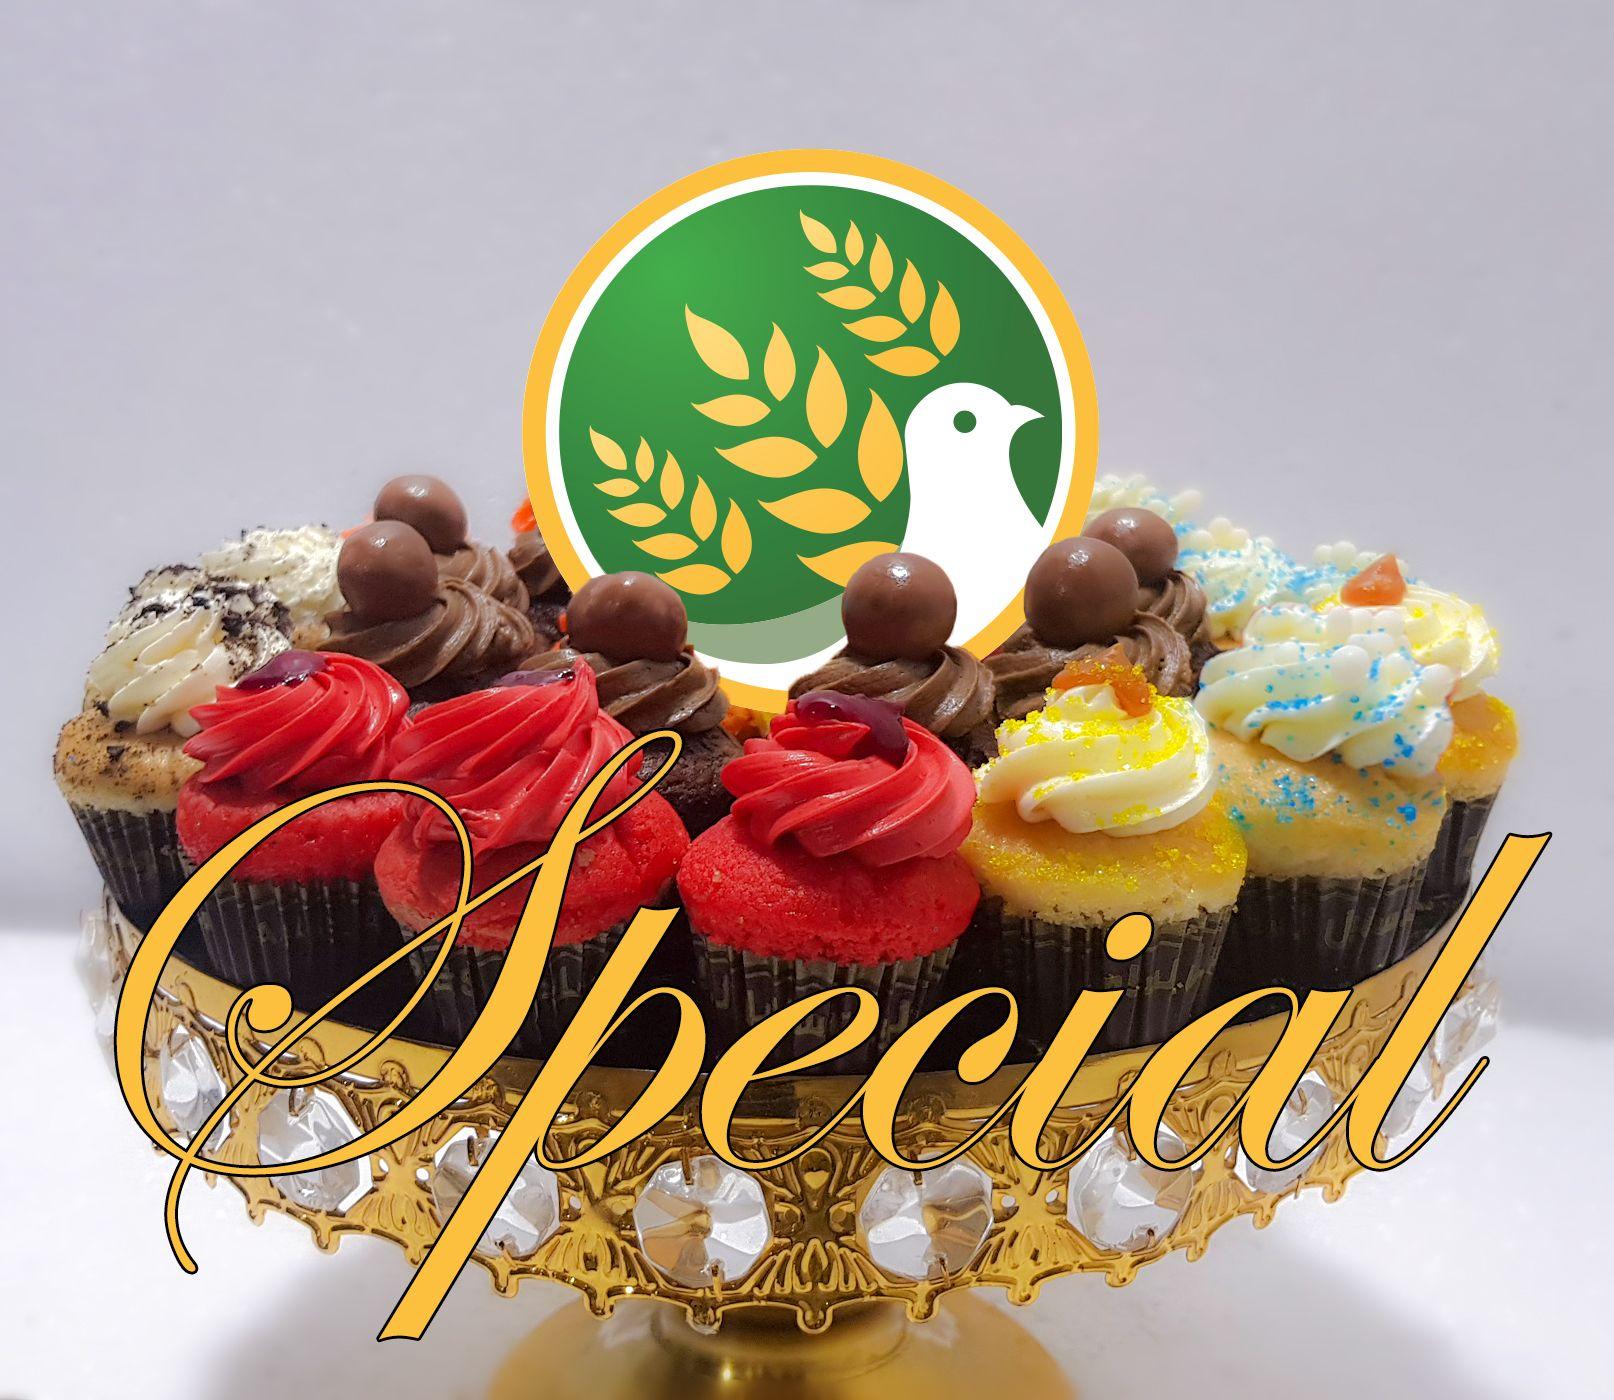 كبكيك كب كيك مافن سنابل السلام كيك كيكات صور Cup Cake Cake Cakes Muffin Cake Decoration Cake Design A B Sunnad Absunnad Ab Special Cake Cake Photography Cake